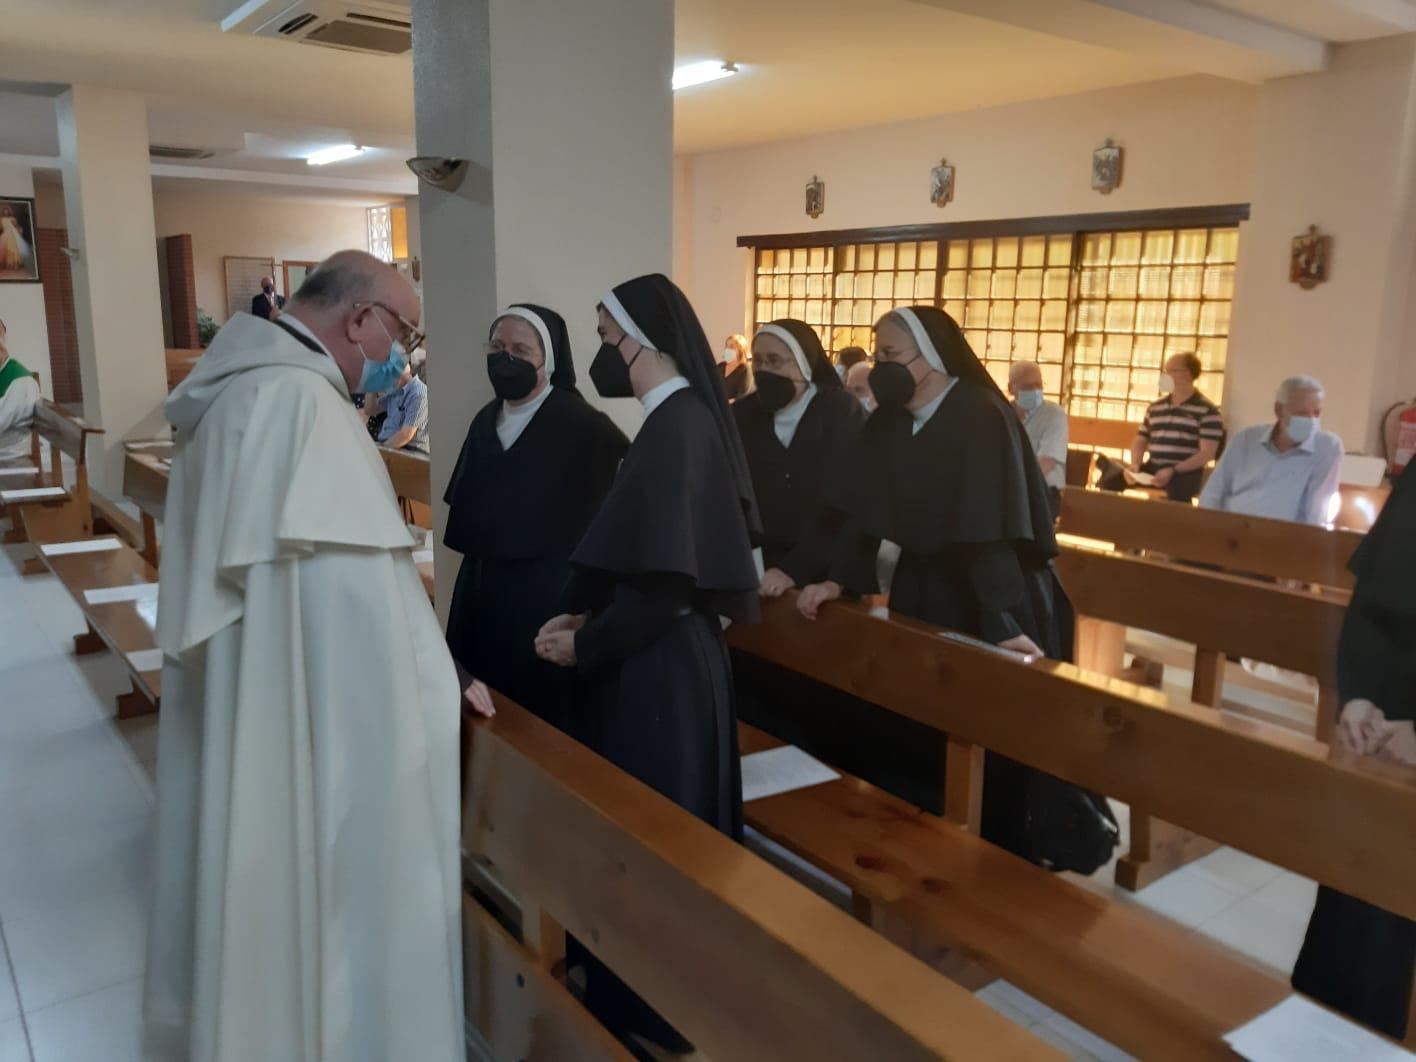 El 4 de septiembre tuvo lugar en la parroquia san Alonso de Orozco, de Talavera de la Reina, la eucaristía de despedida de los agustinos.